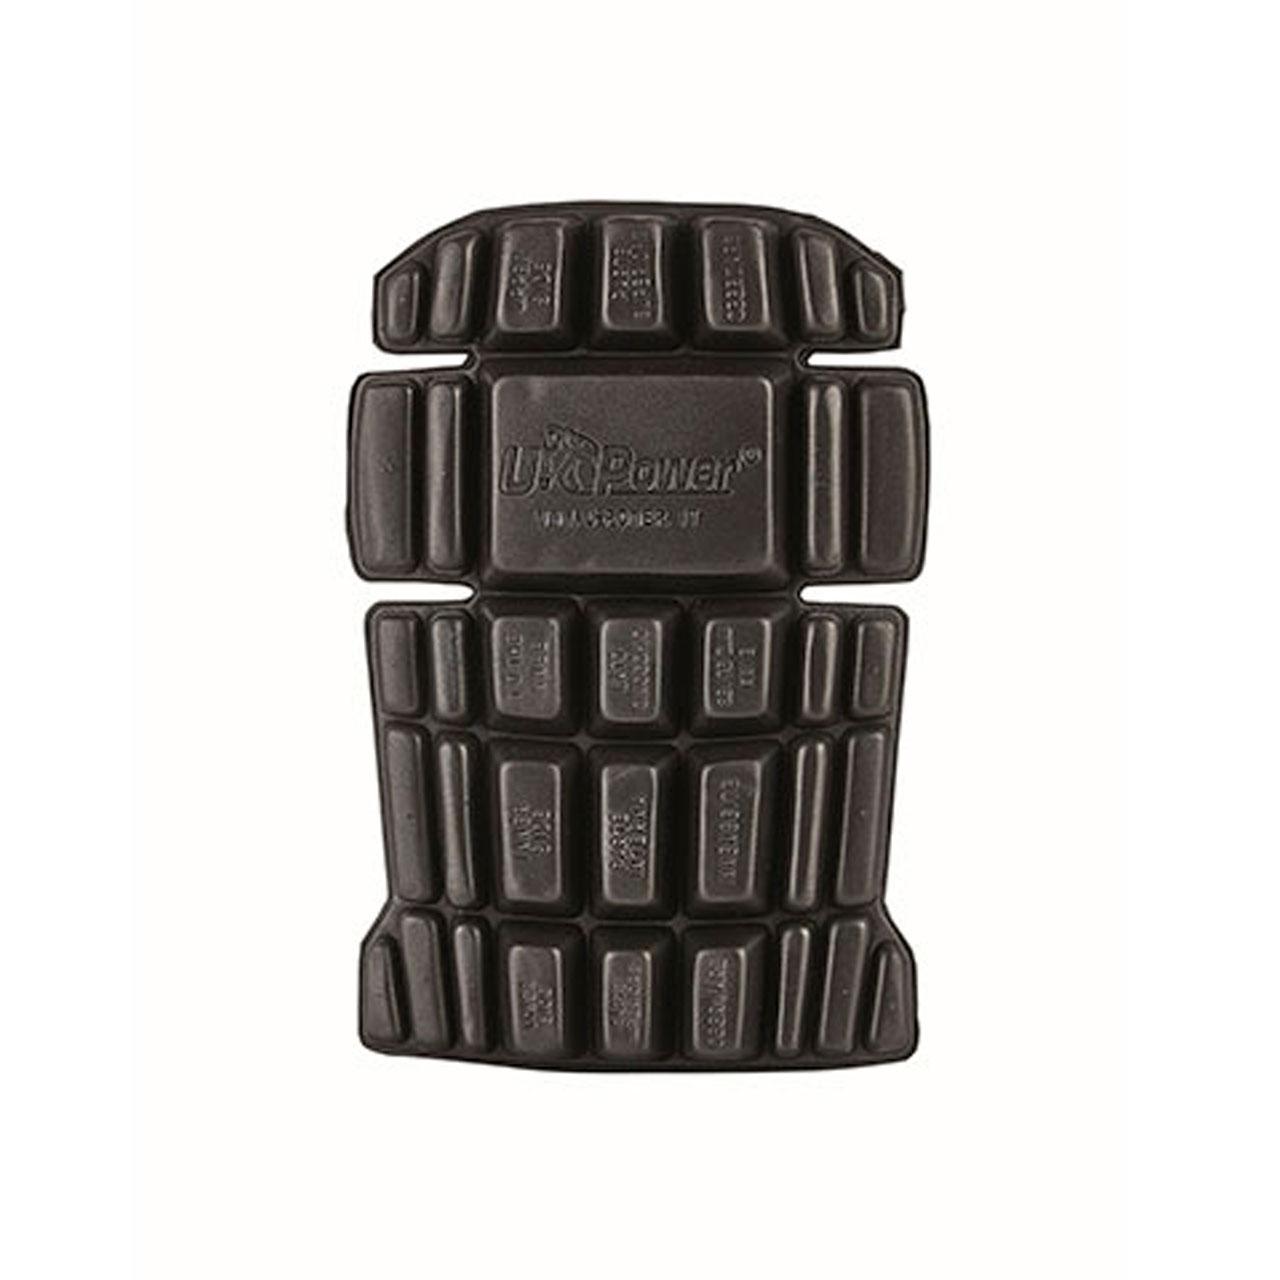 ginocchiere da lavoro upower colore black carbon prodotto